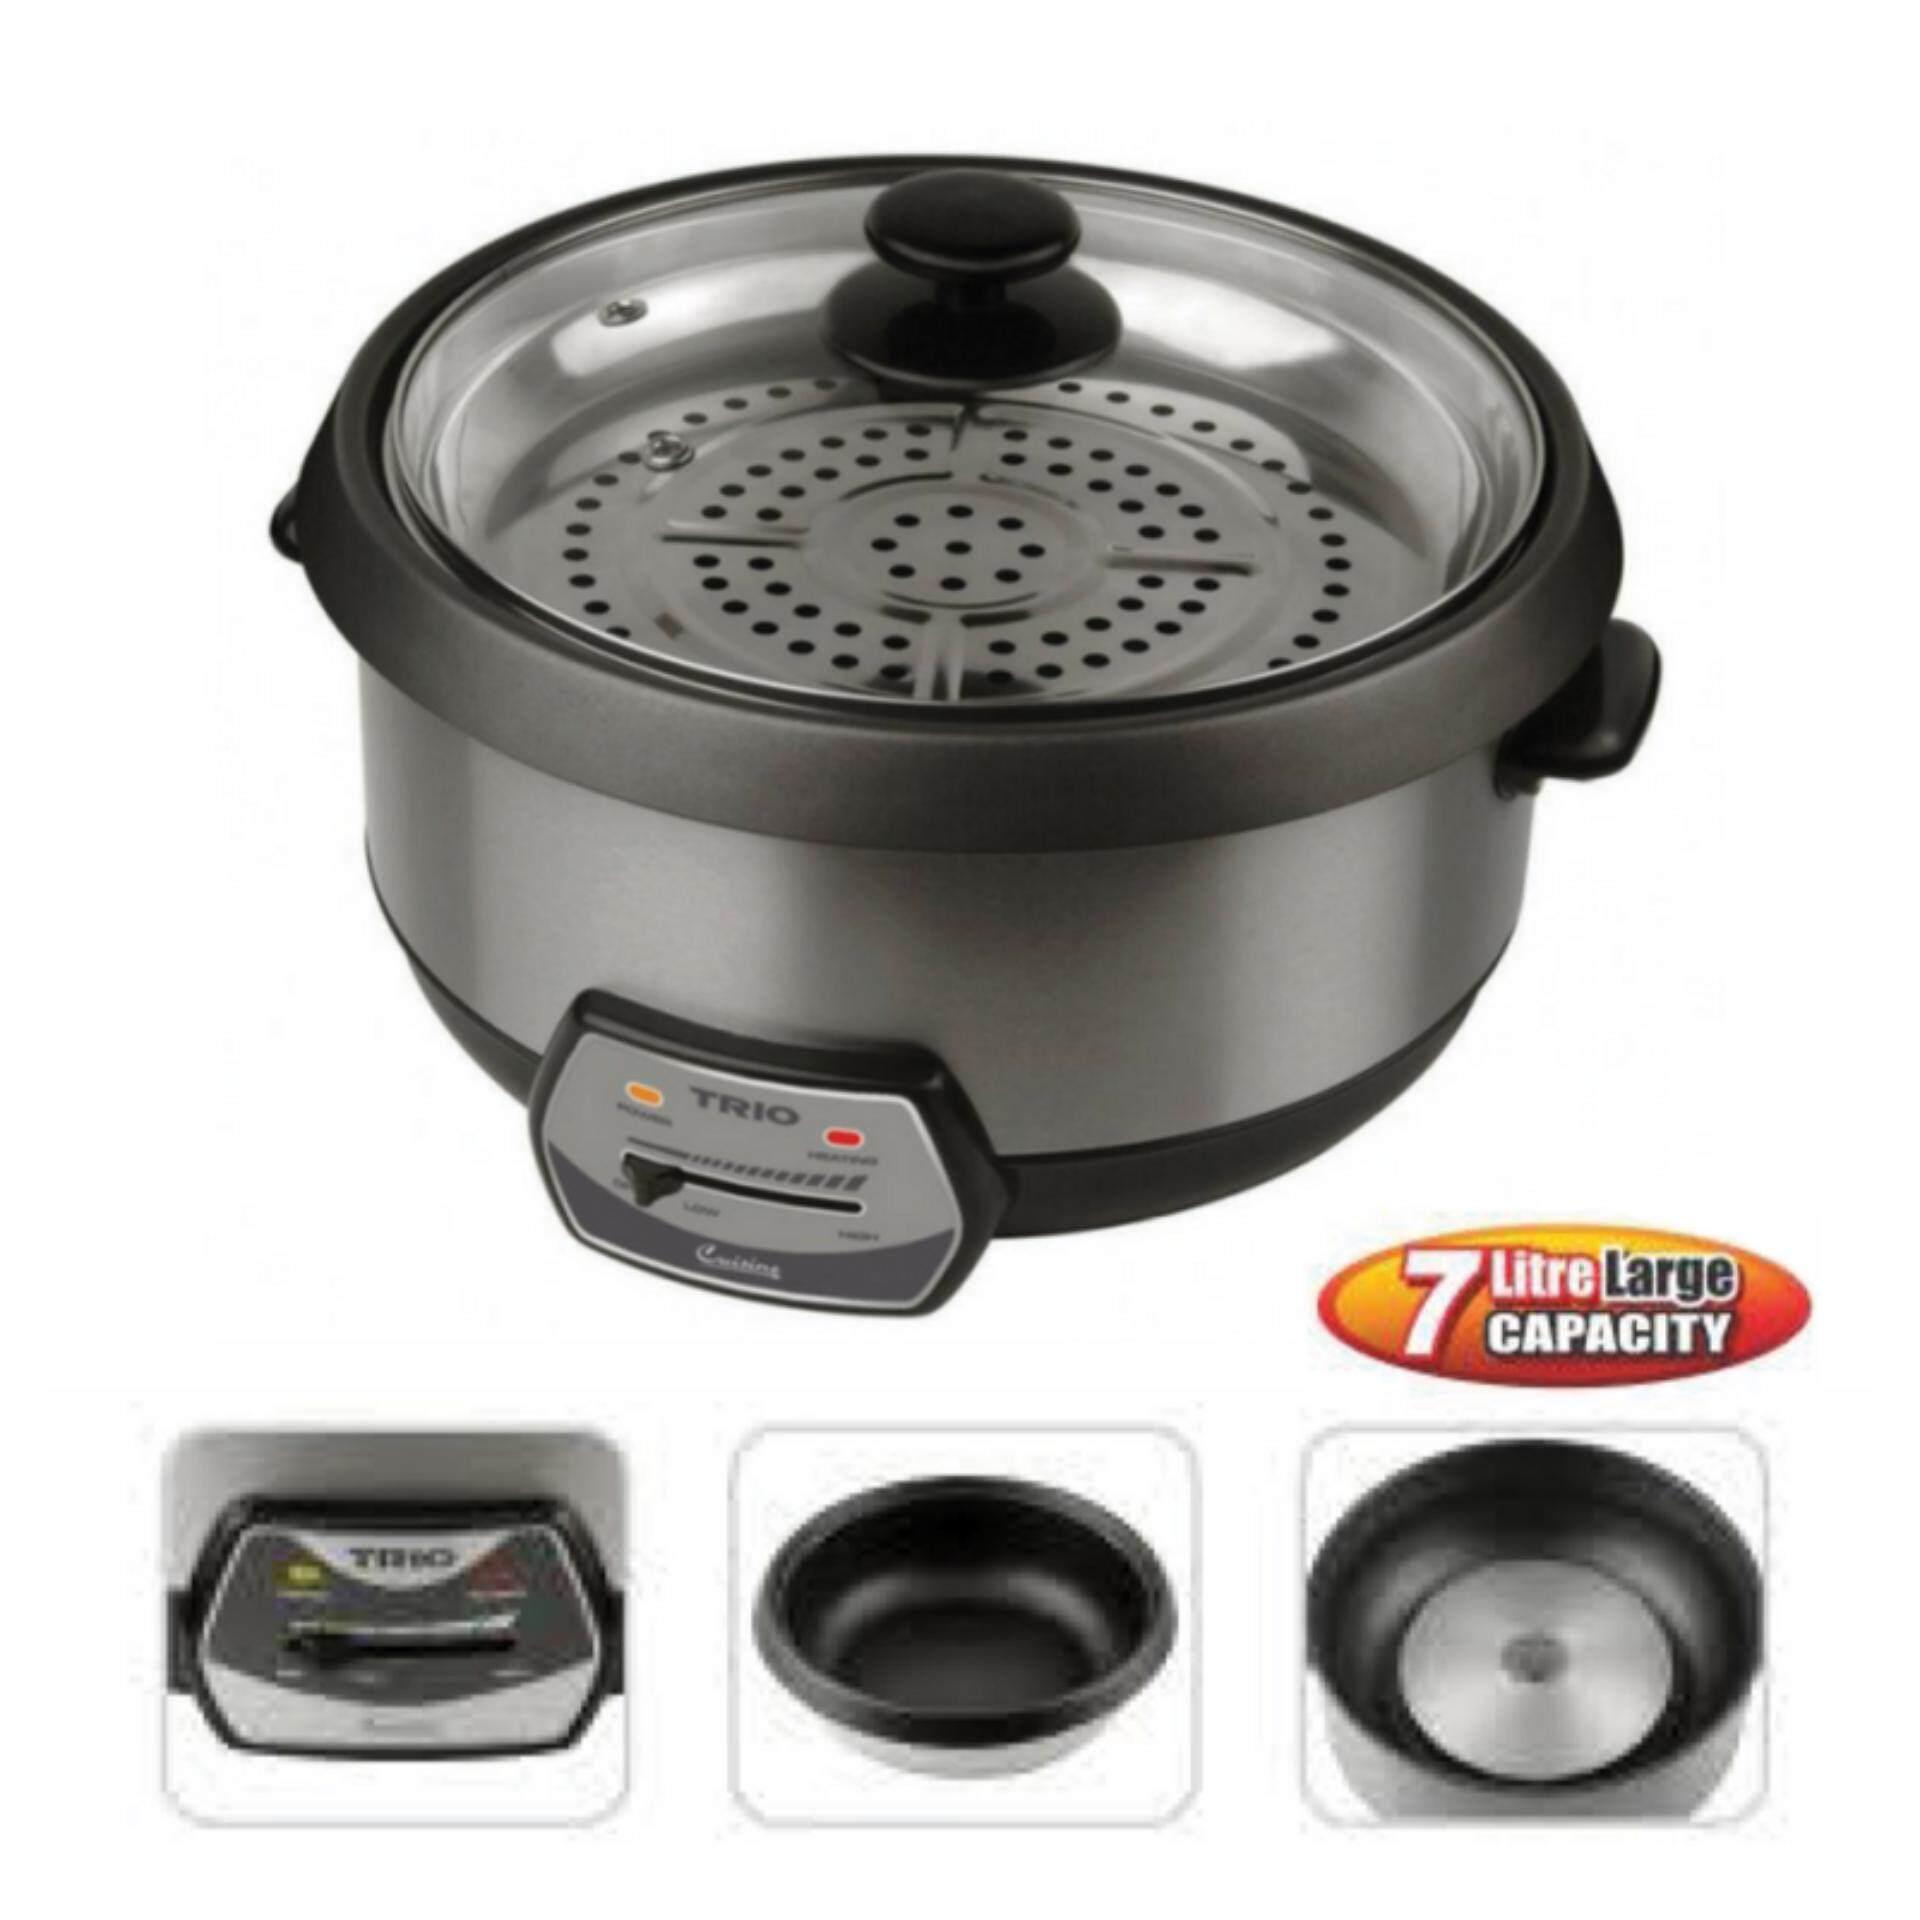 Trio TMC-710 Large Capacity Multi Cooker 7L (Black)